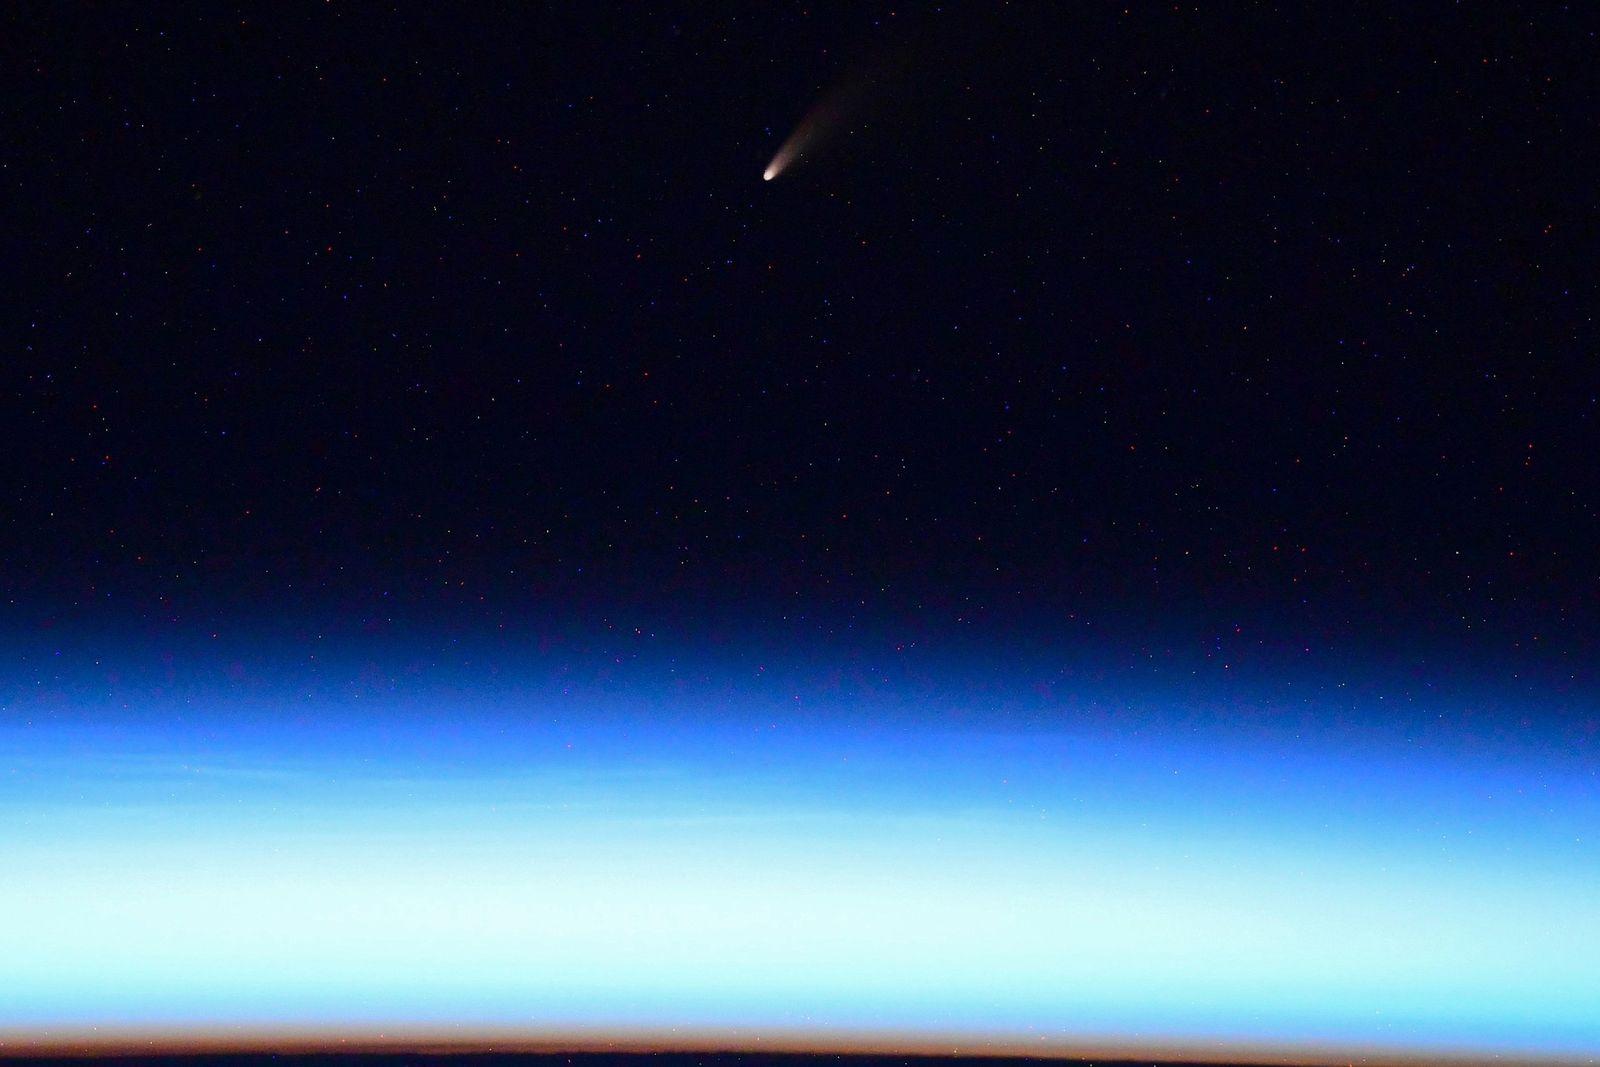 O cosmonauta Ivan Vagner twittou uma foto do cometa Neowise da Estação Espacial Internacional.